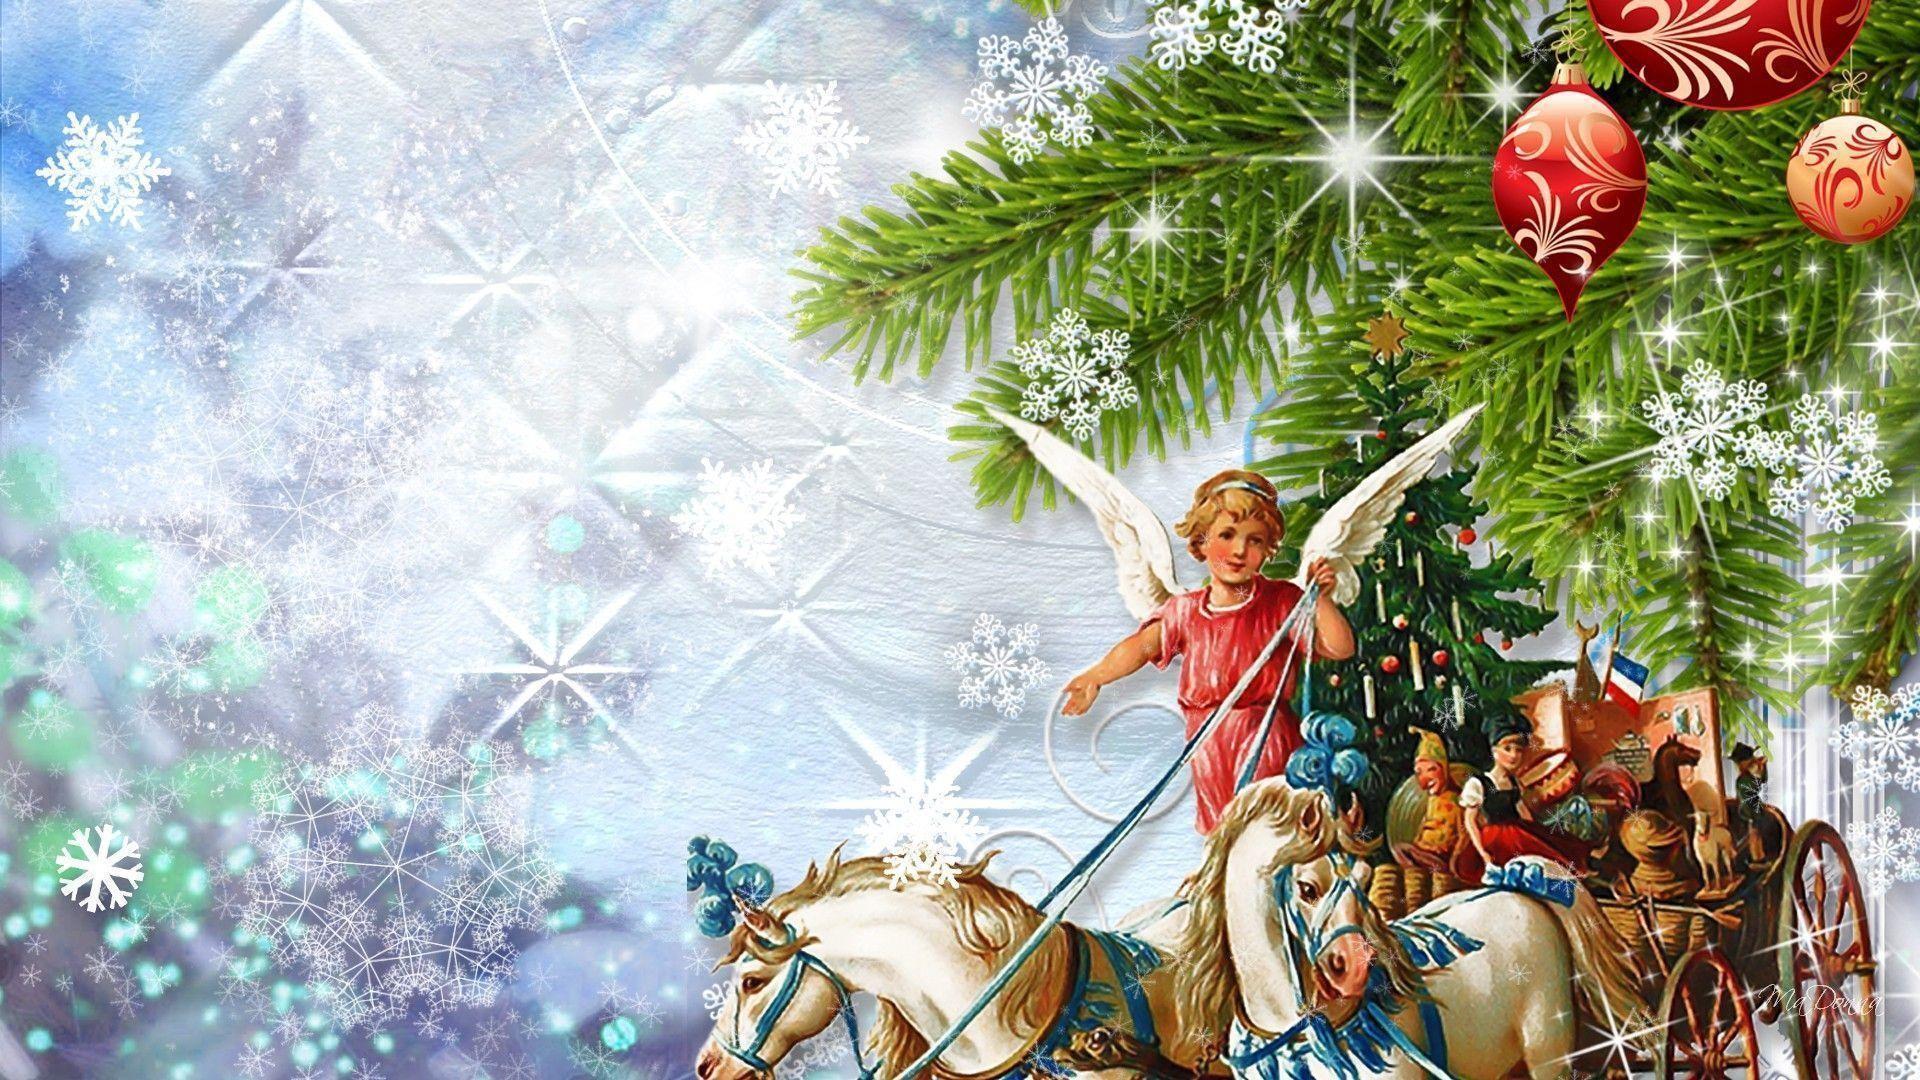 Christmas Angel.Christmas Angel Wallpaper 52 Images